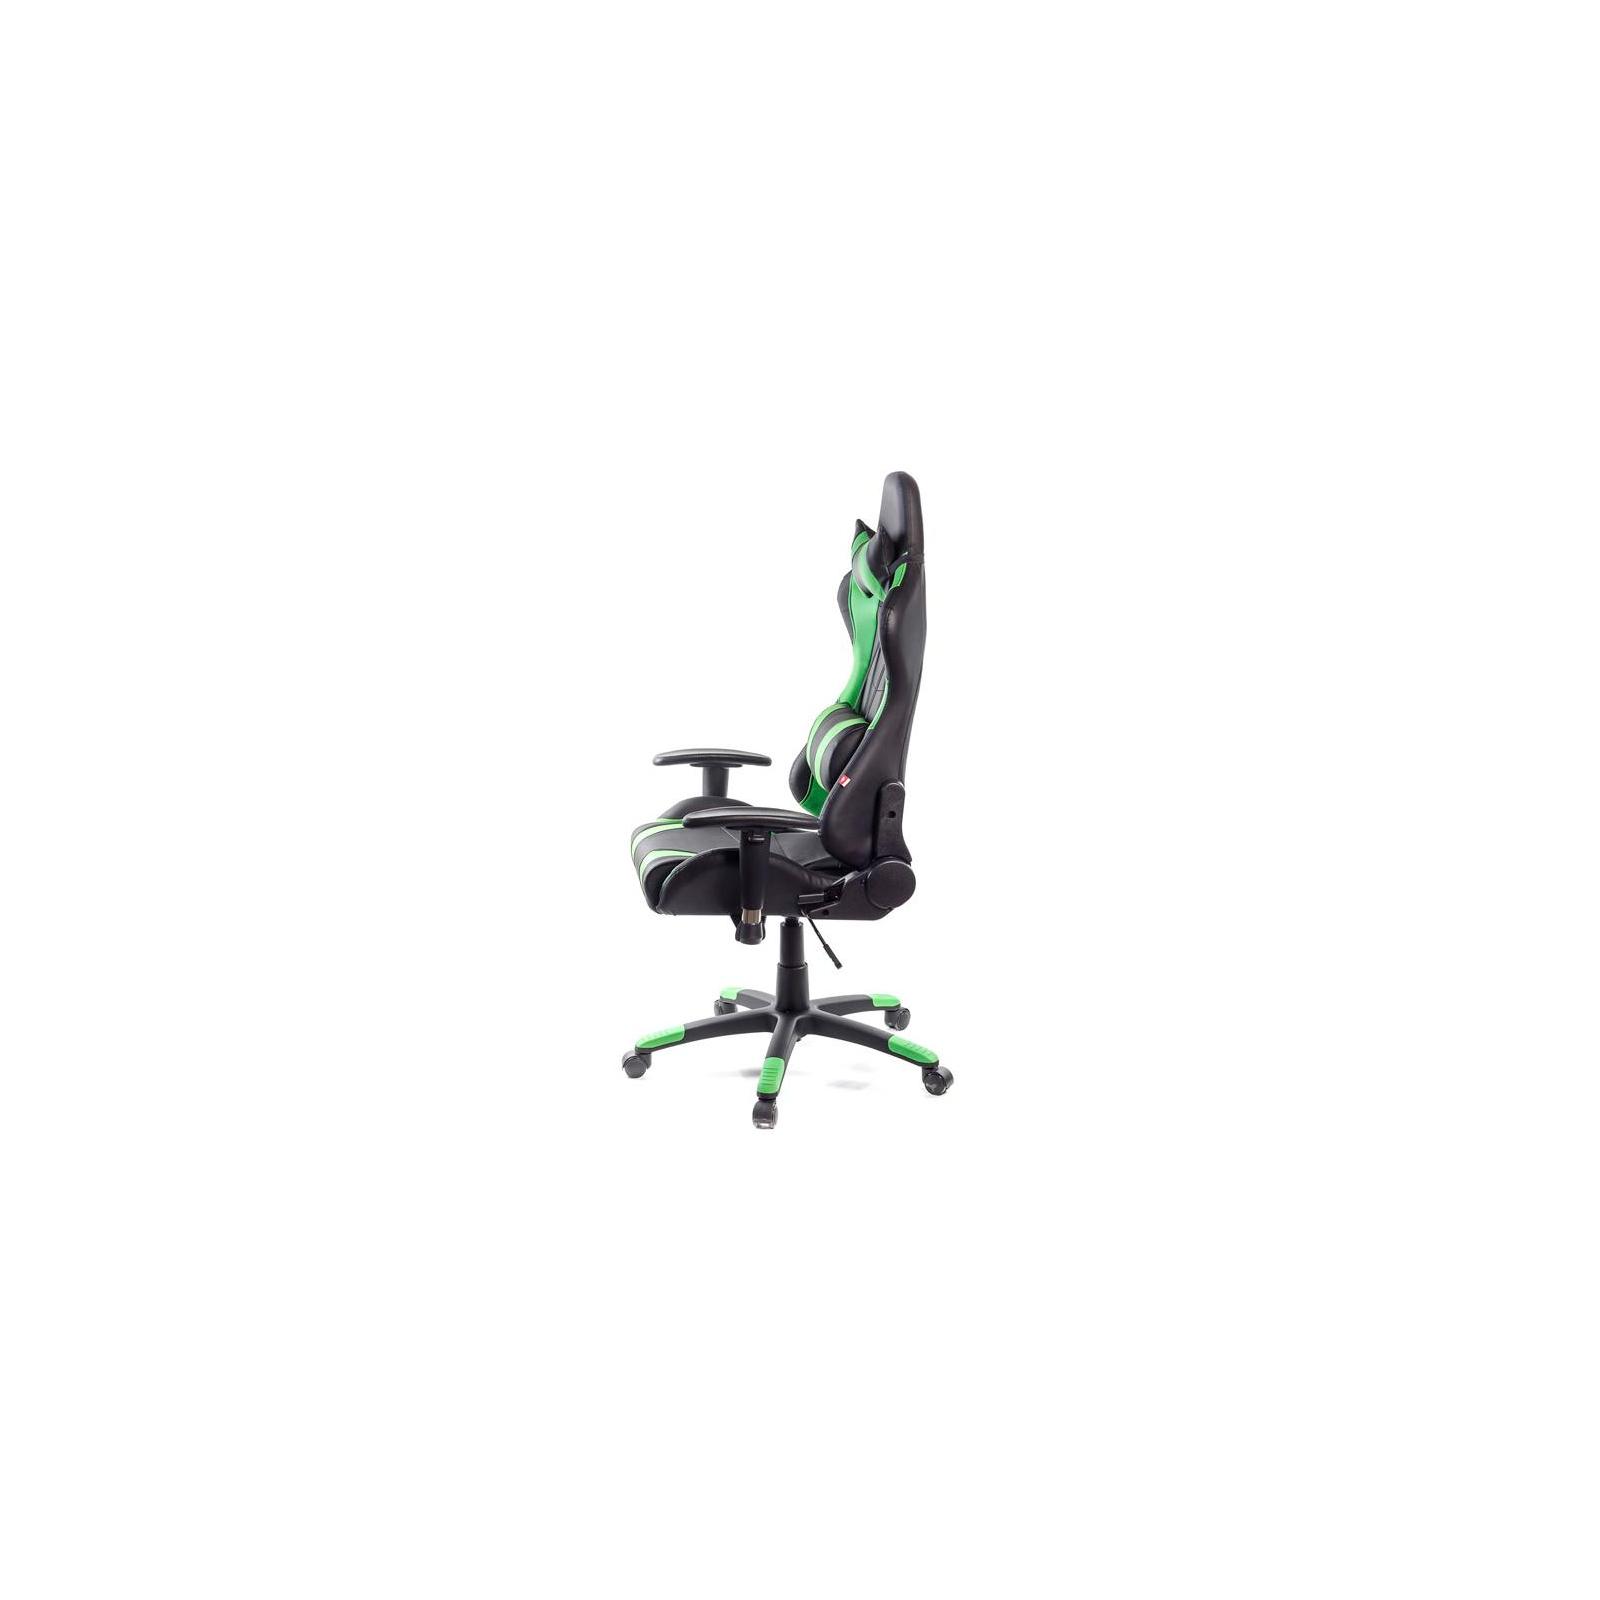 Кресло игровое АКЛАС Хорнет PL RL Зеленое (09442) изображение 3